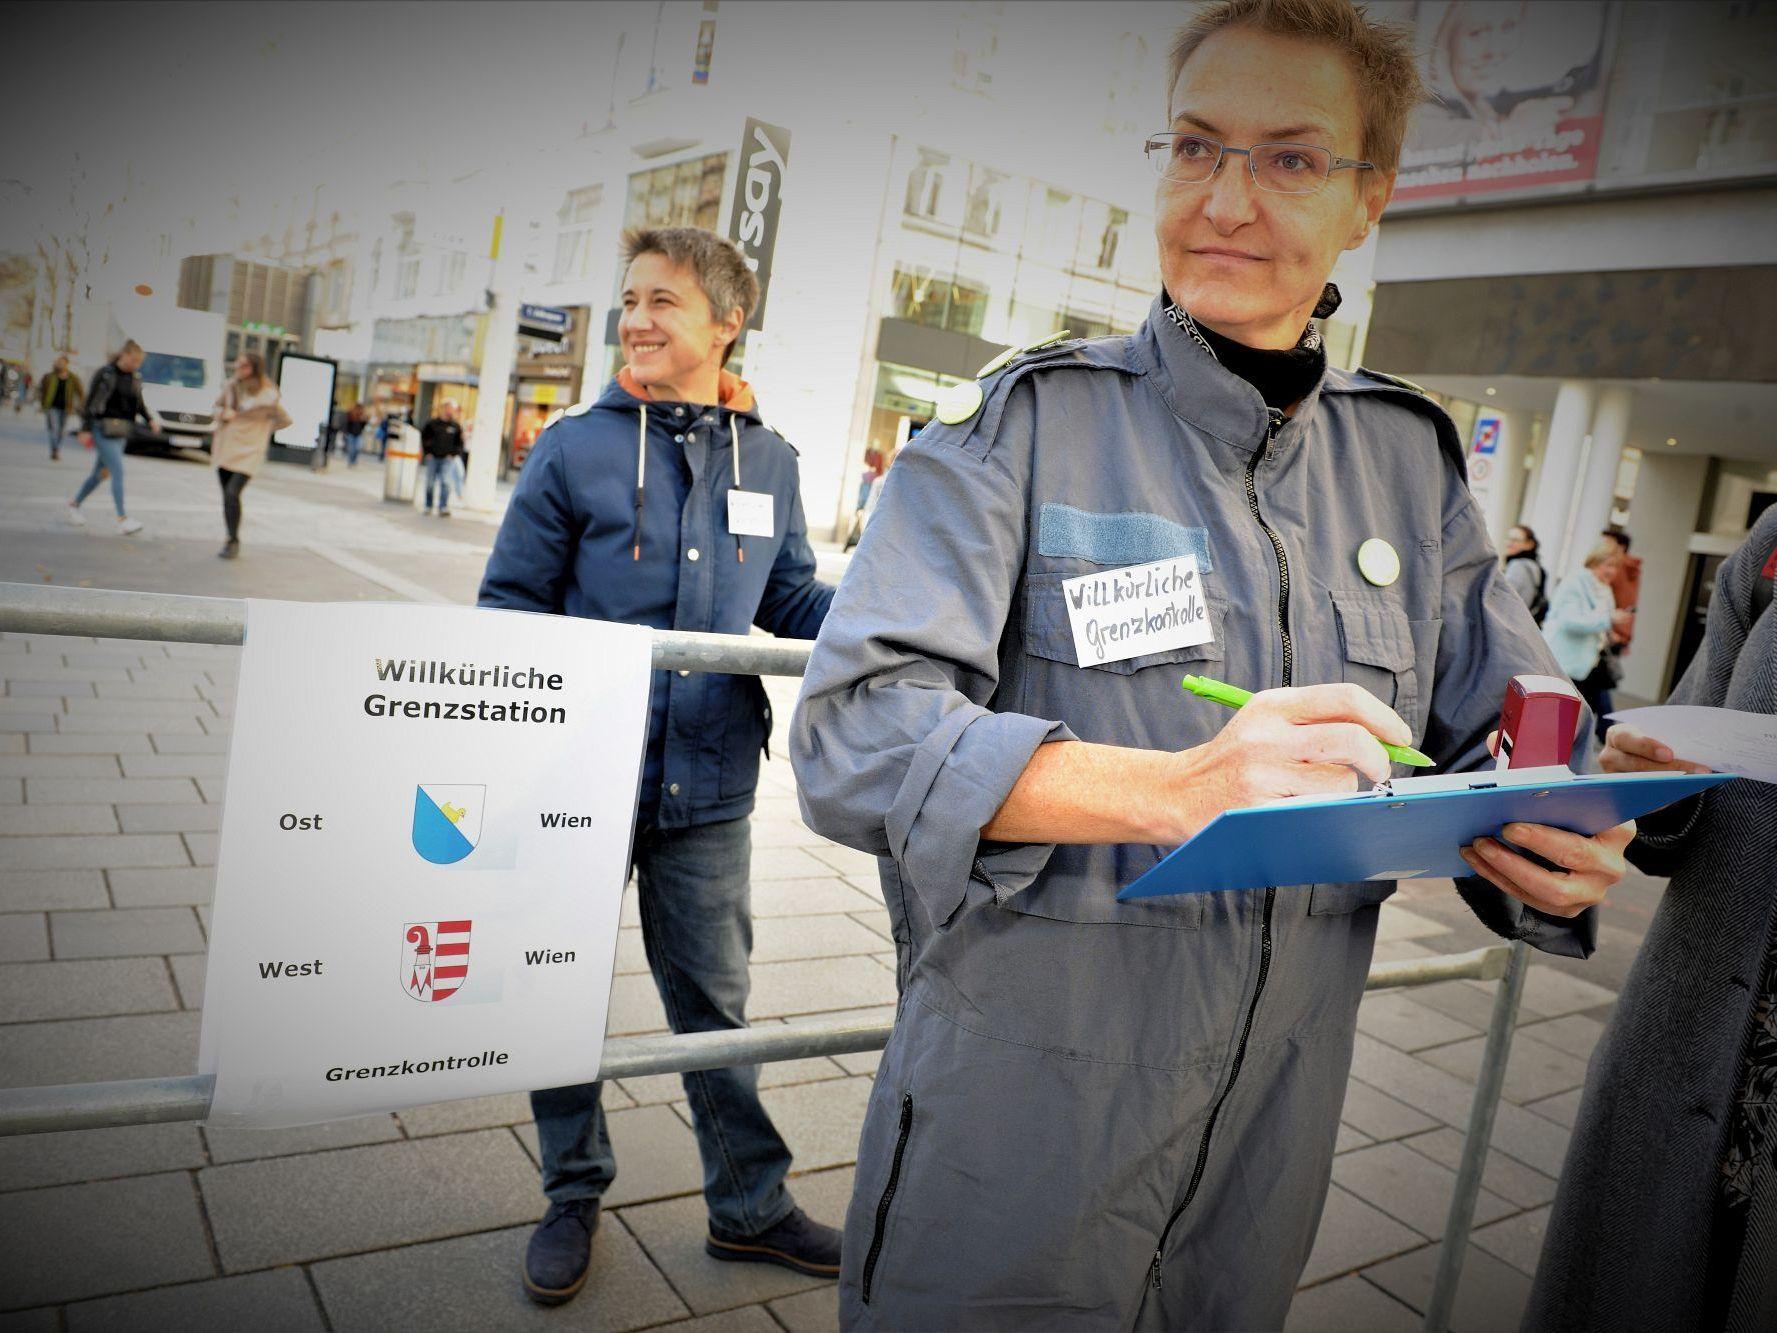 Stadt In Ost Und West Wien Getrennt Aktion Auf Der Mahü